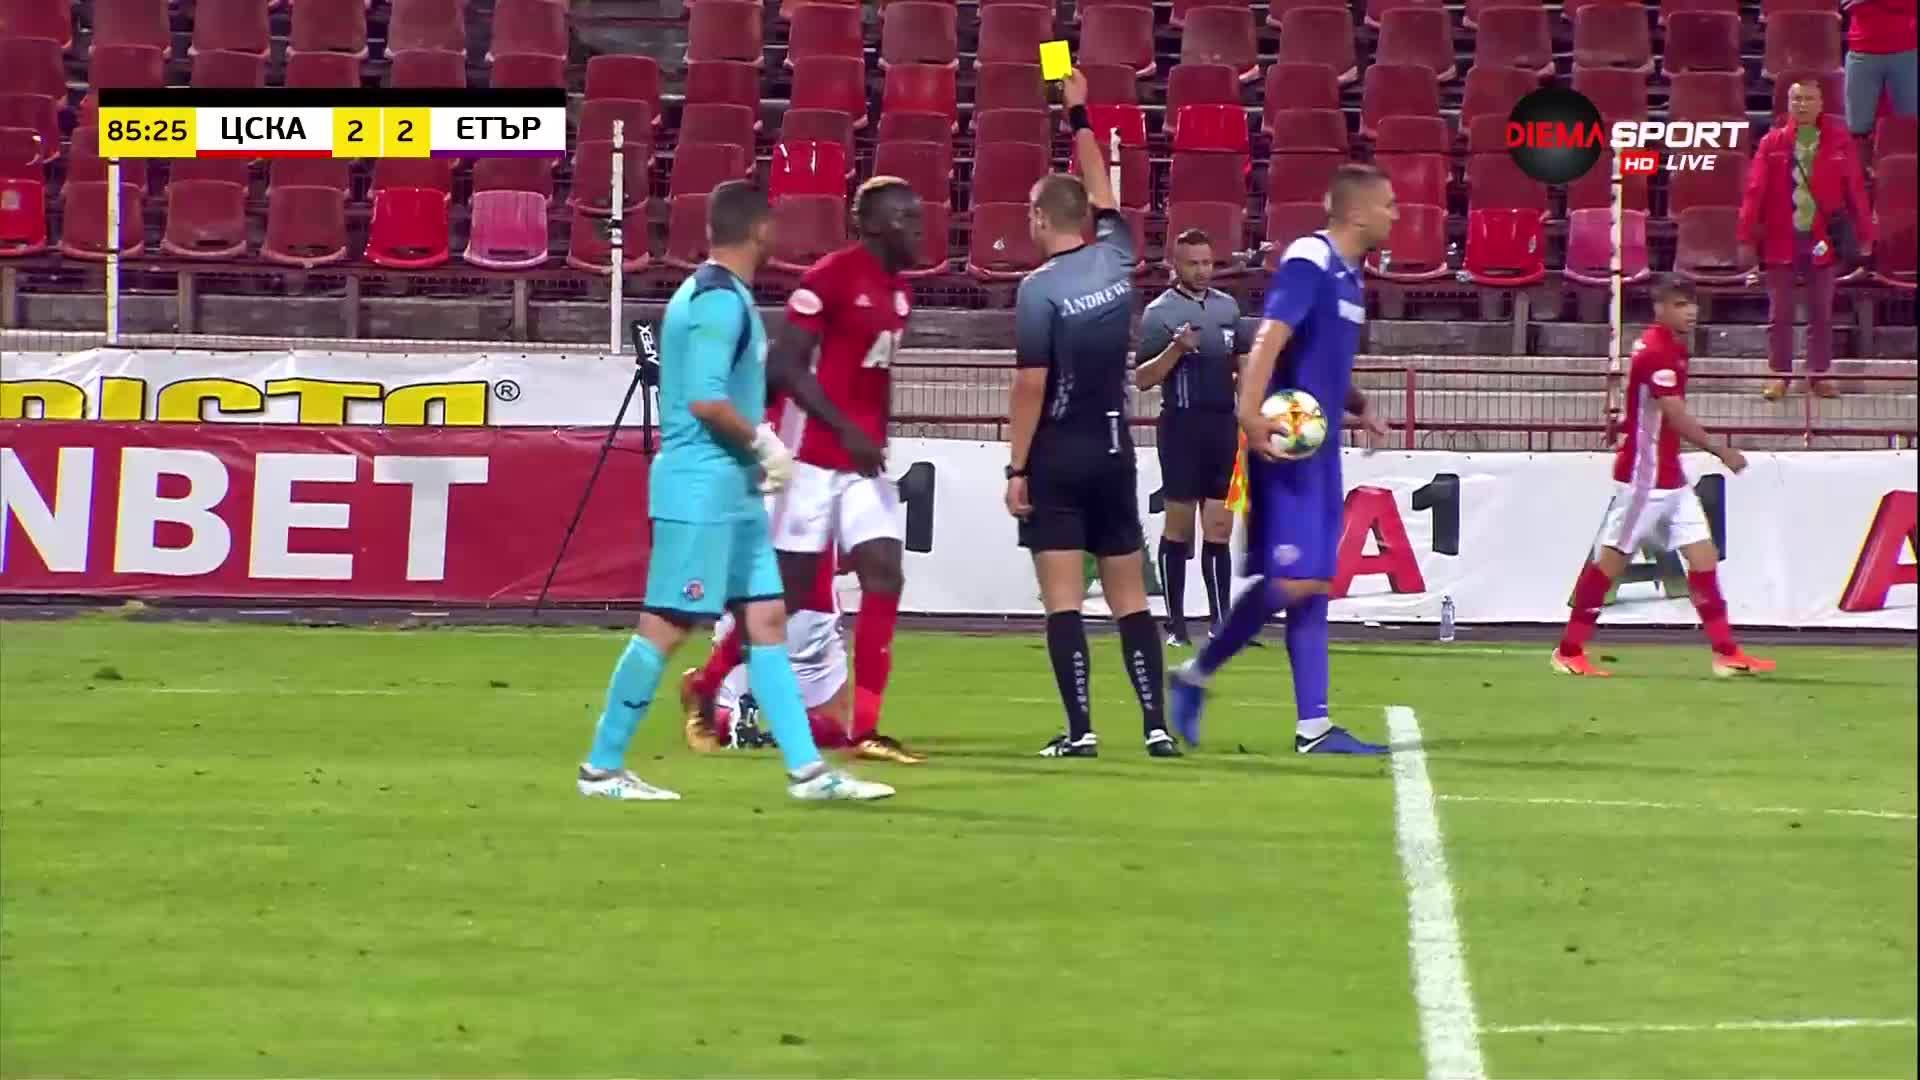 Претенции за дузпа от ЦСКА, жълт картон за Пинто за симулация